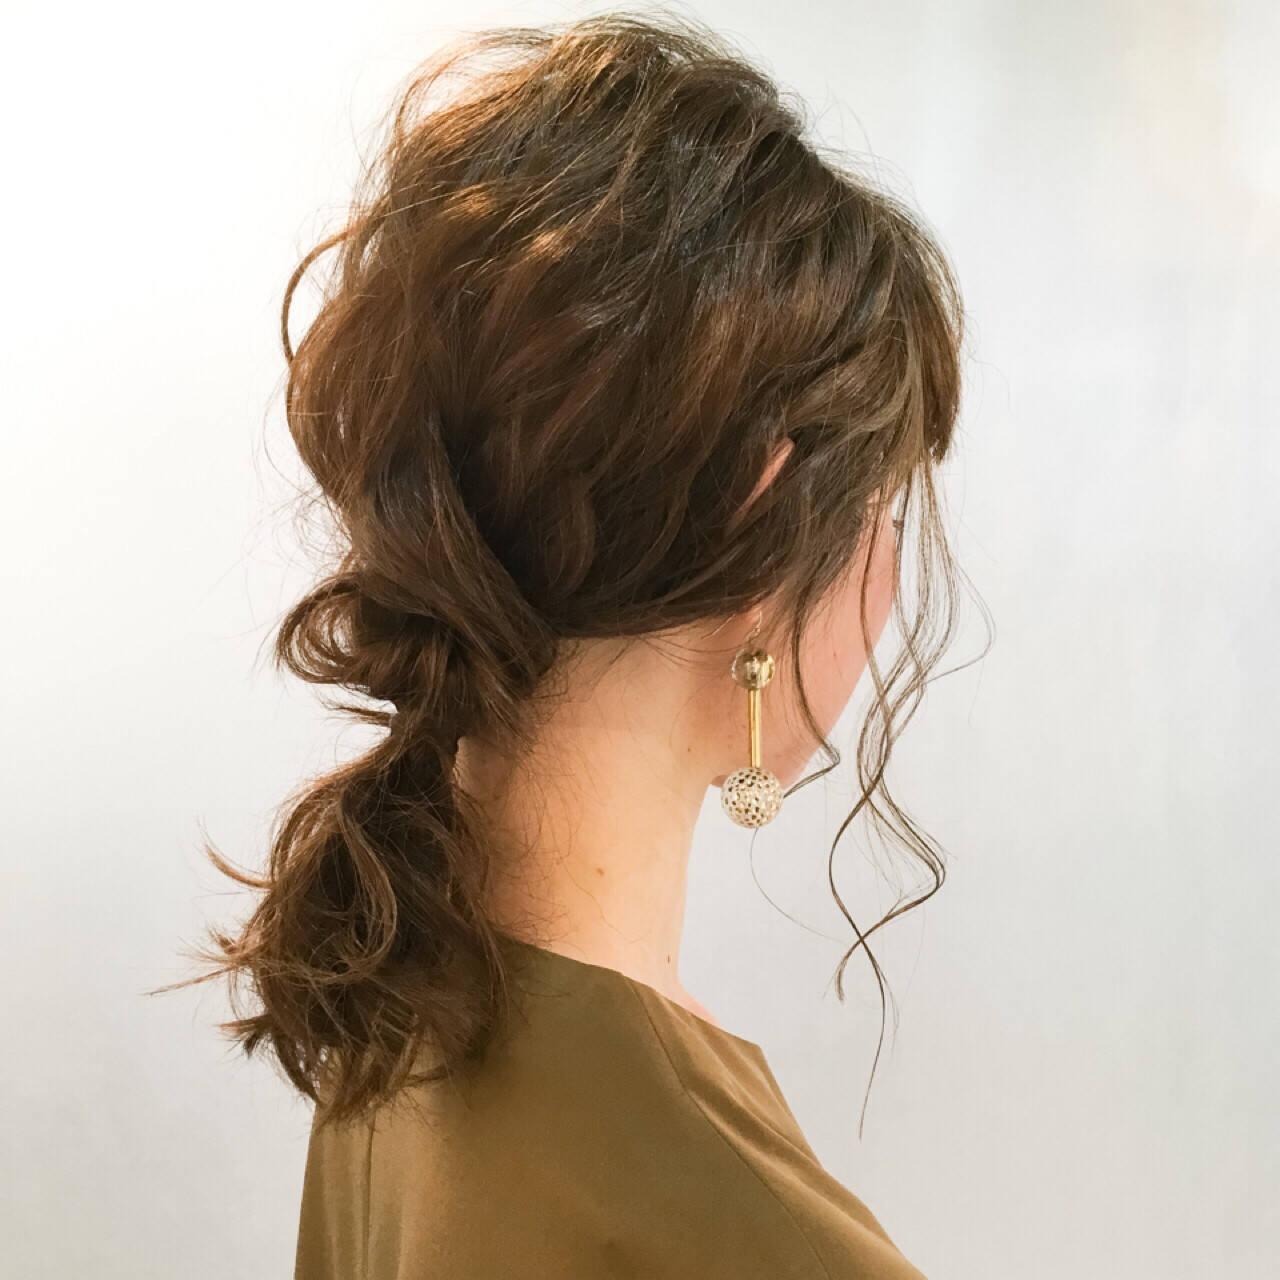 ヘアアレンジ ハーフアップ ショート 簡単ヘアアレンジヘアスタイルや髪型の写真・画像